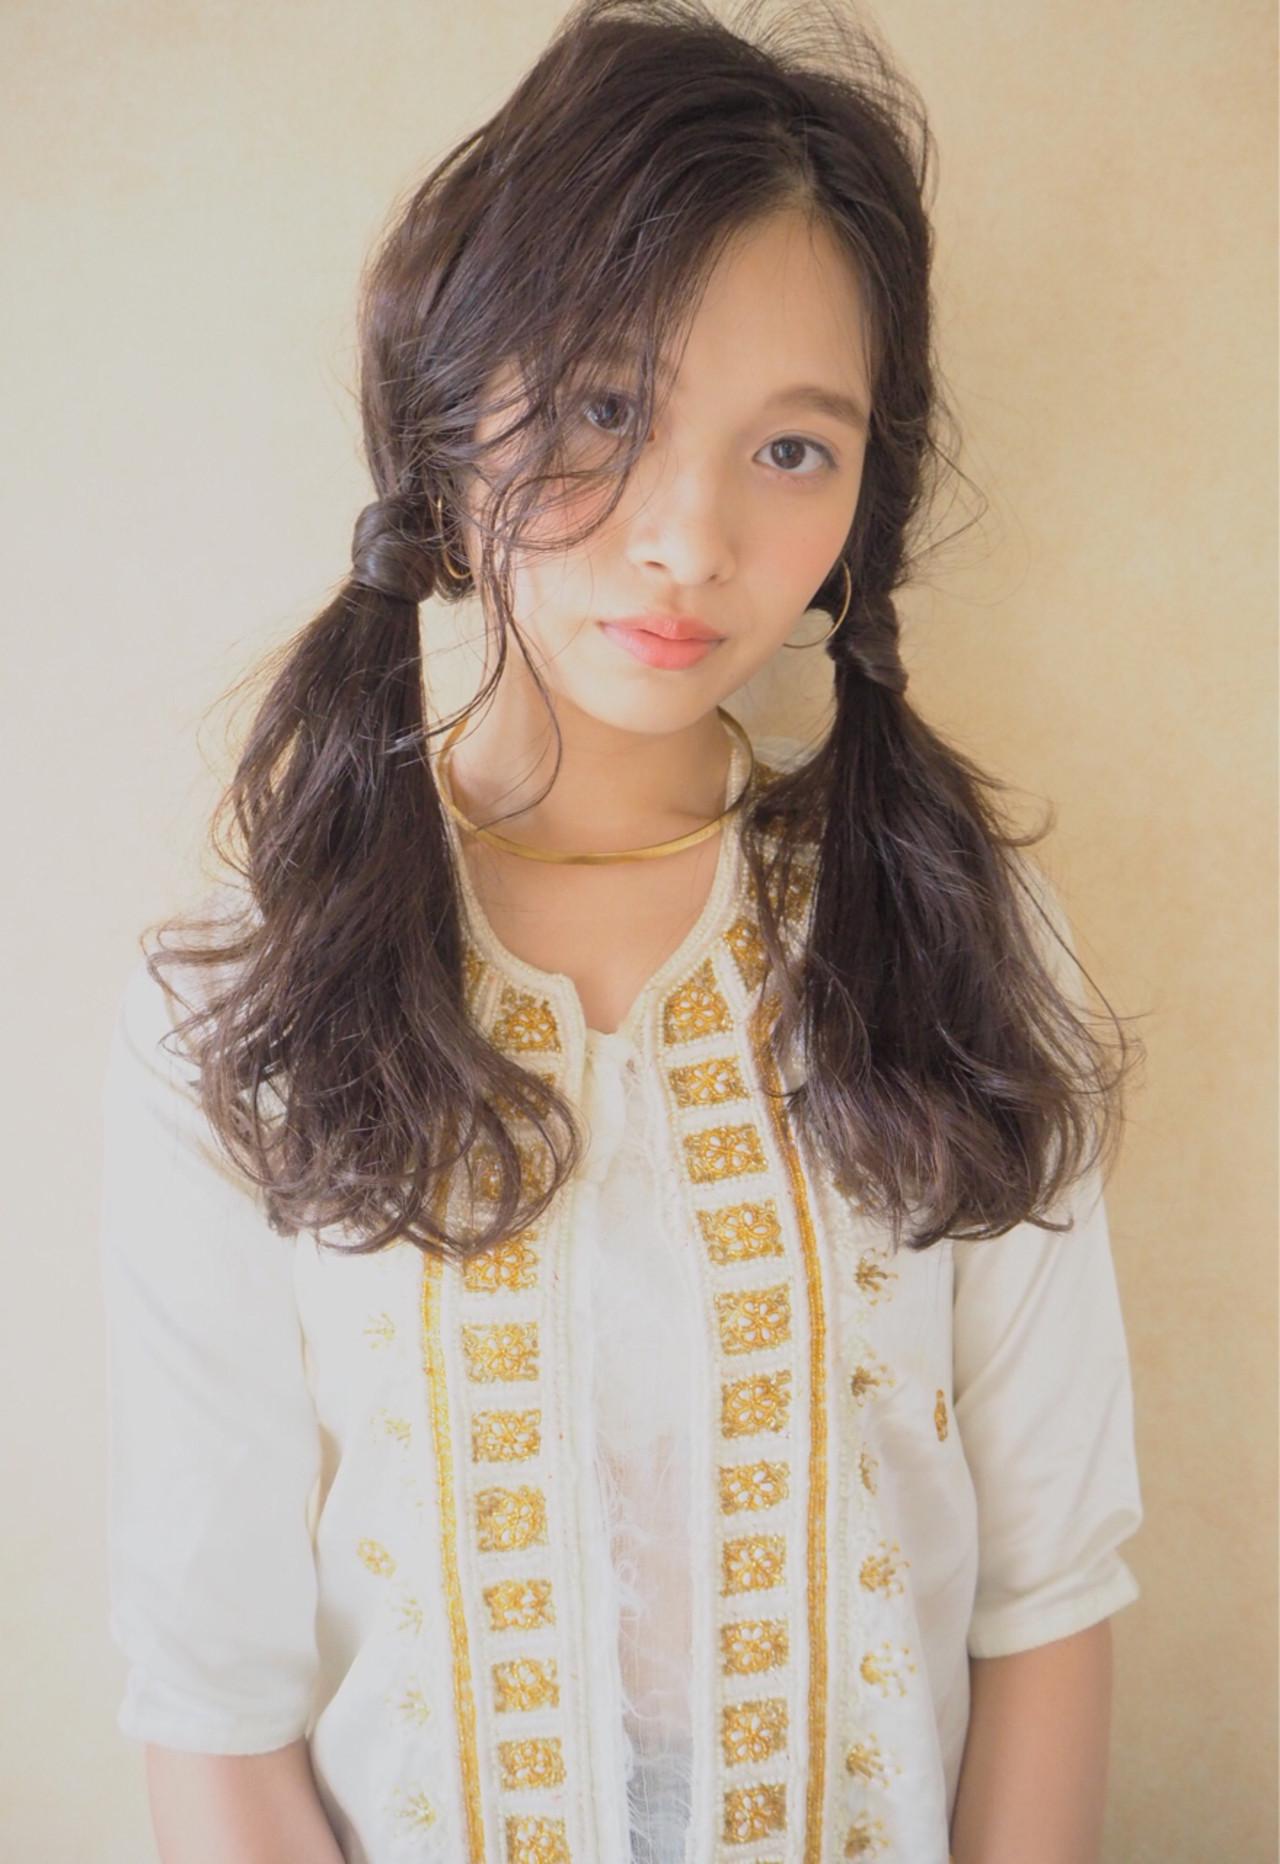 ヘアアレンジ ナチュラル くせ毛風 外国人風 ヘアスタイルや髪型の写真・画像